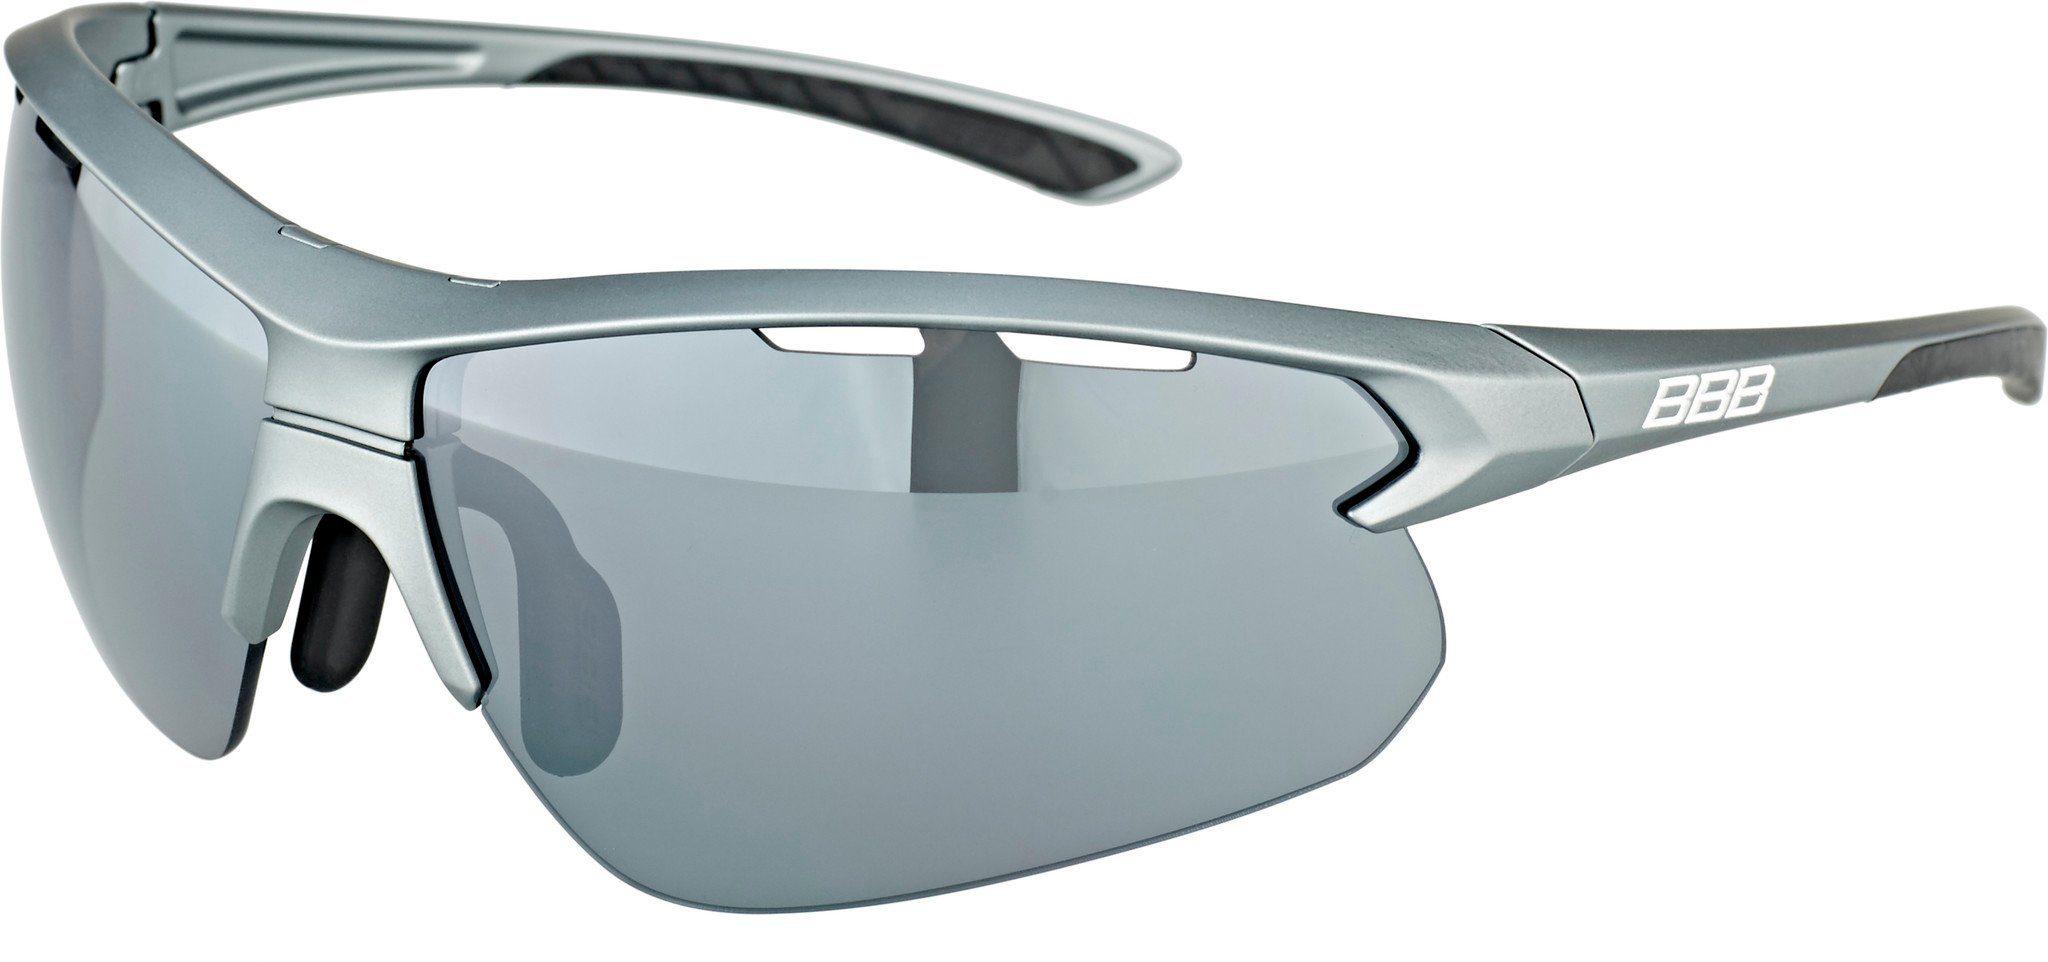 BBB Sportbrille »Impulse BSG-52 Sportbrille«